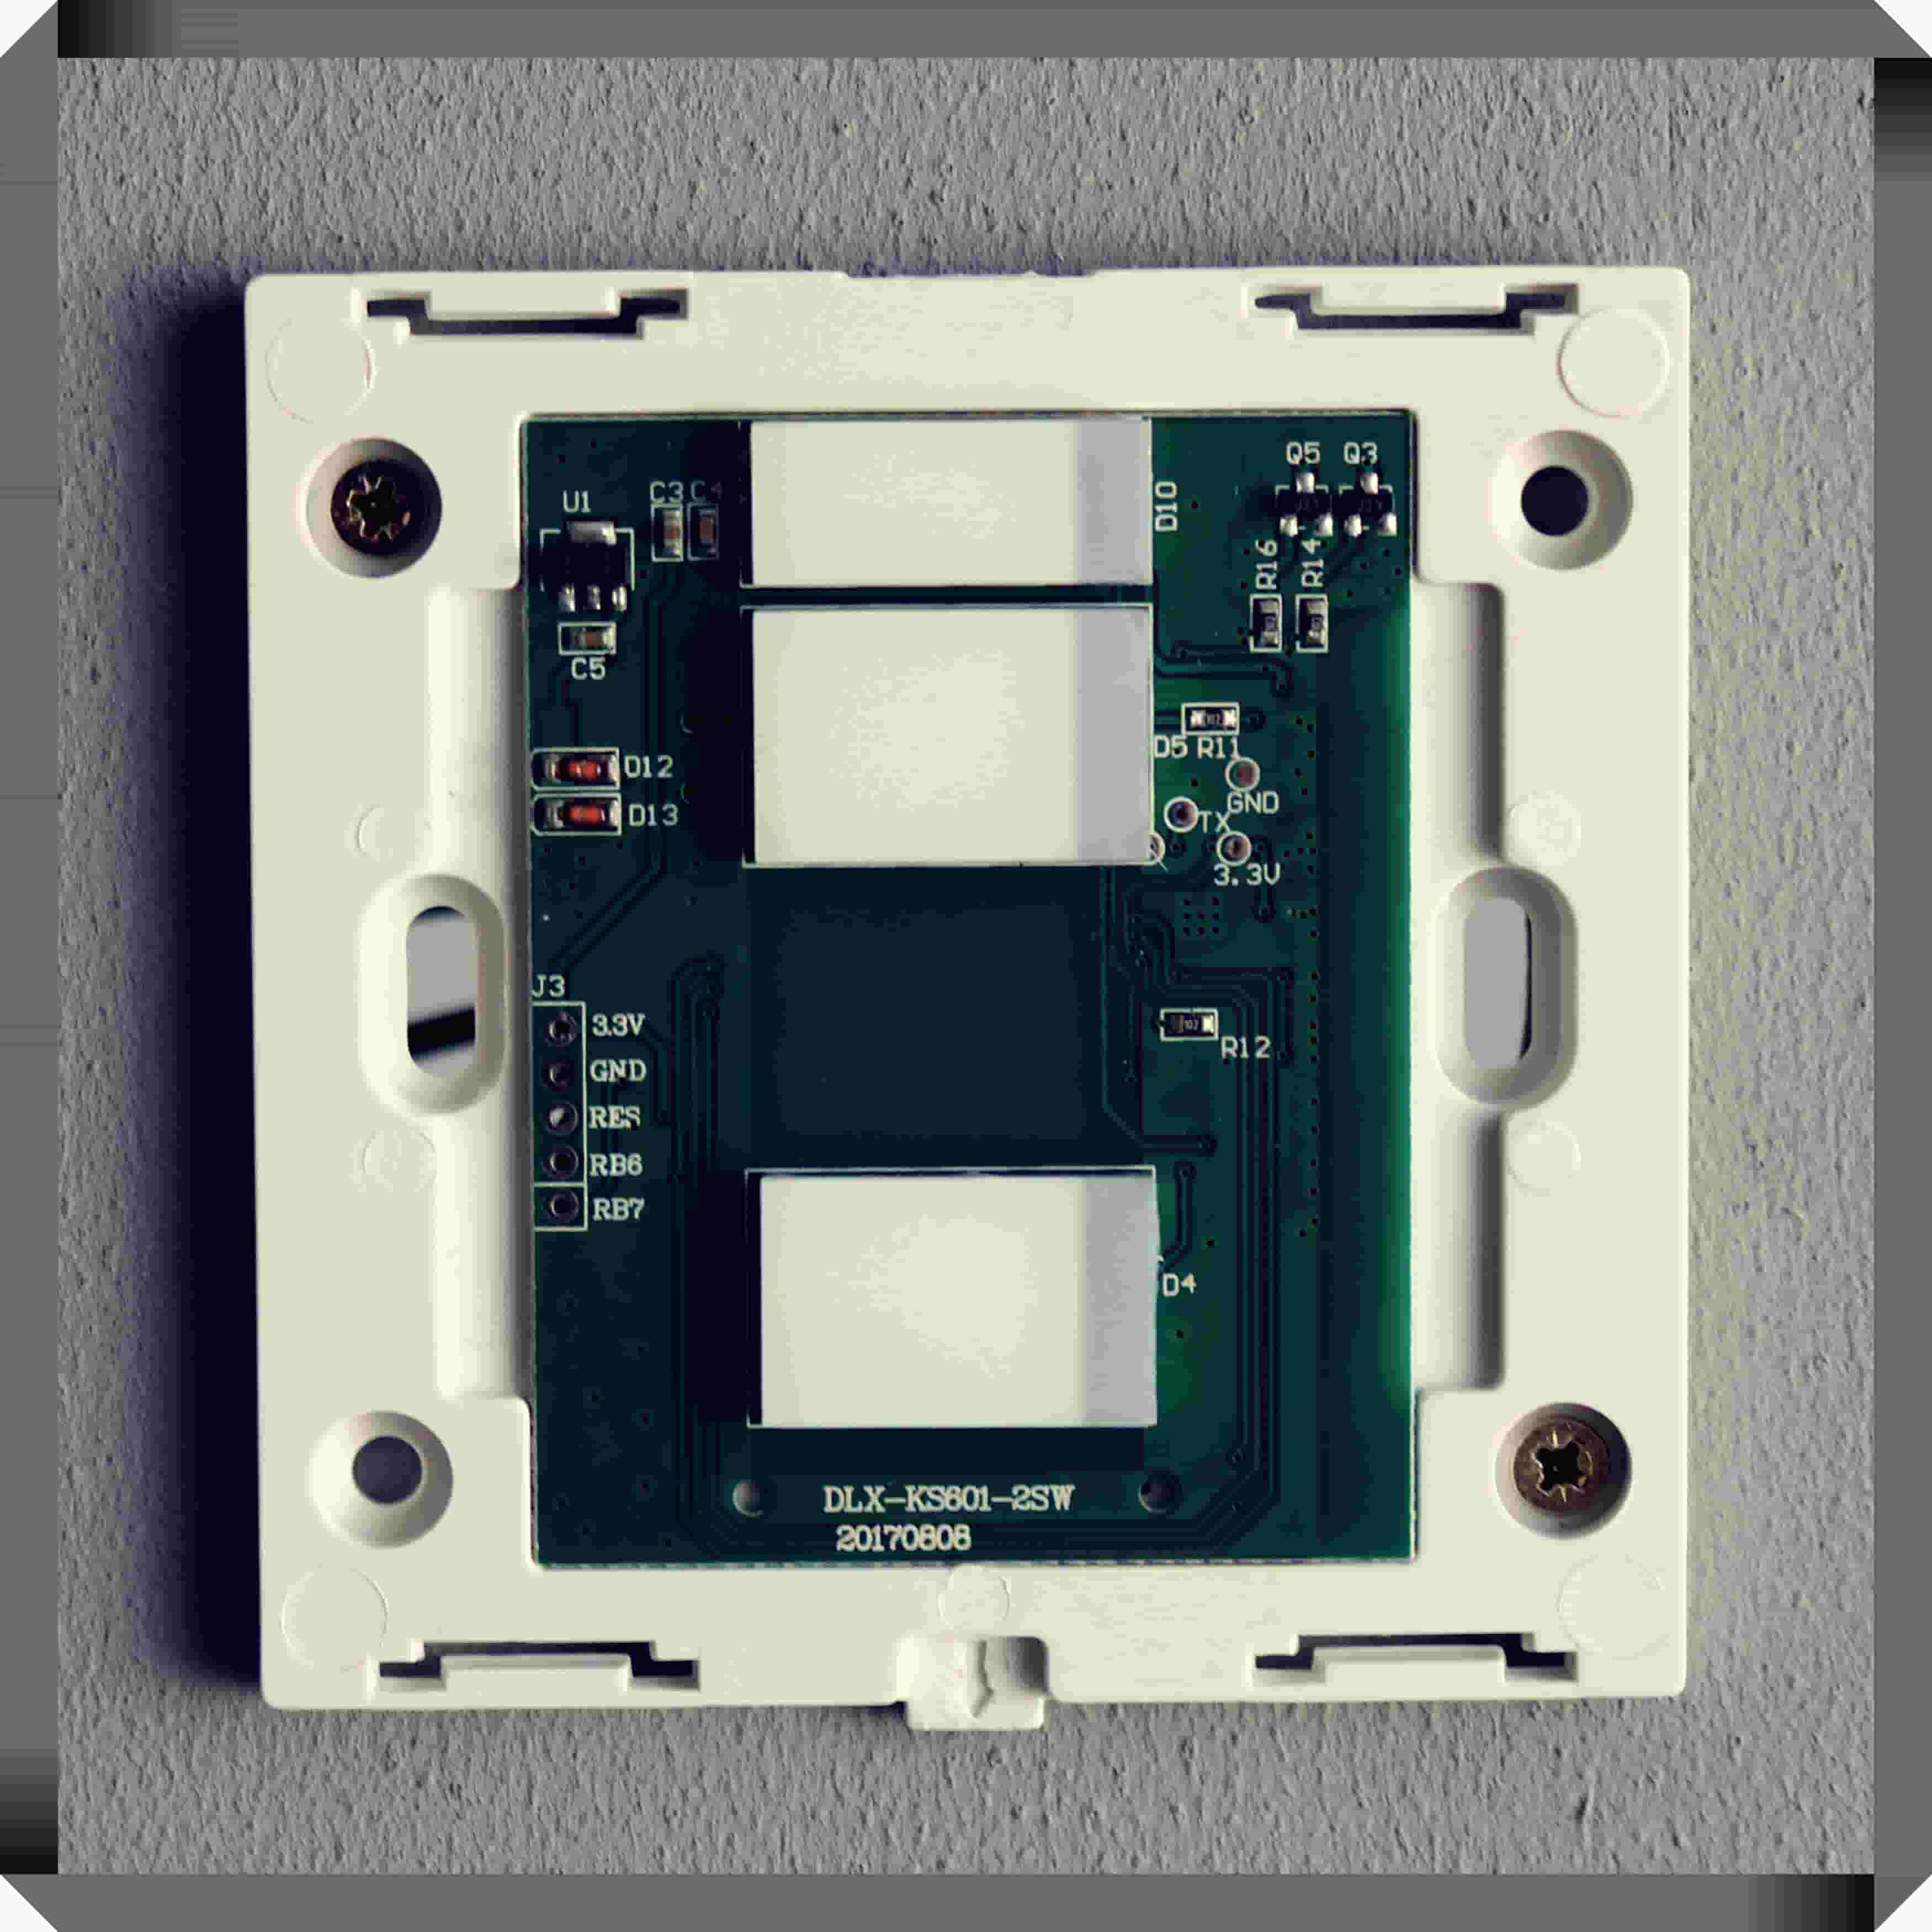 Wlan Lichtschalter Installieren Wlan Lichtschalter Einbauen